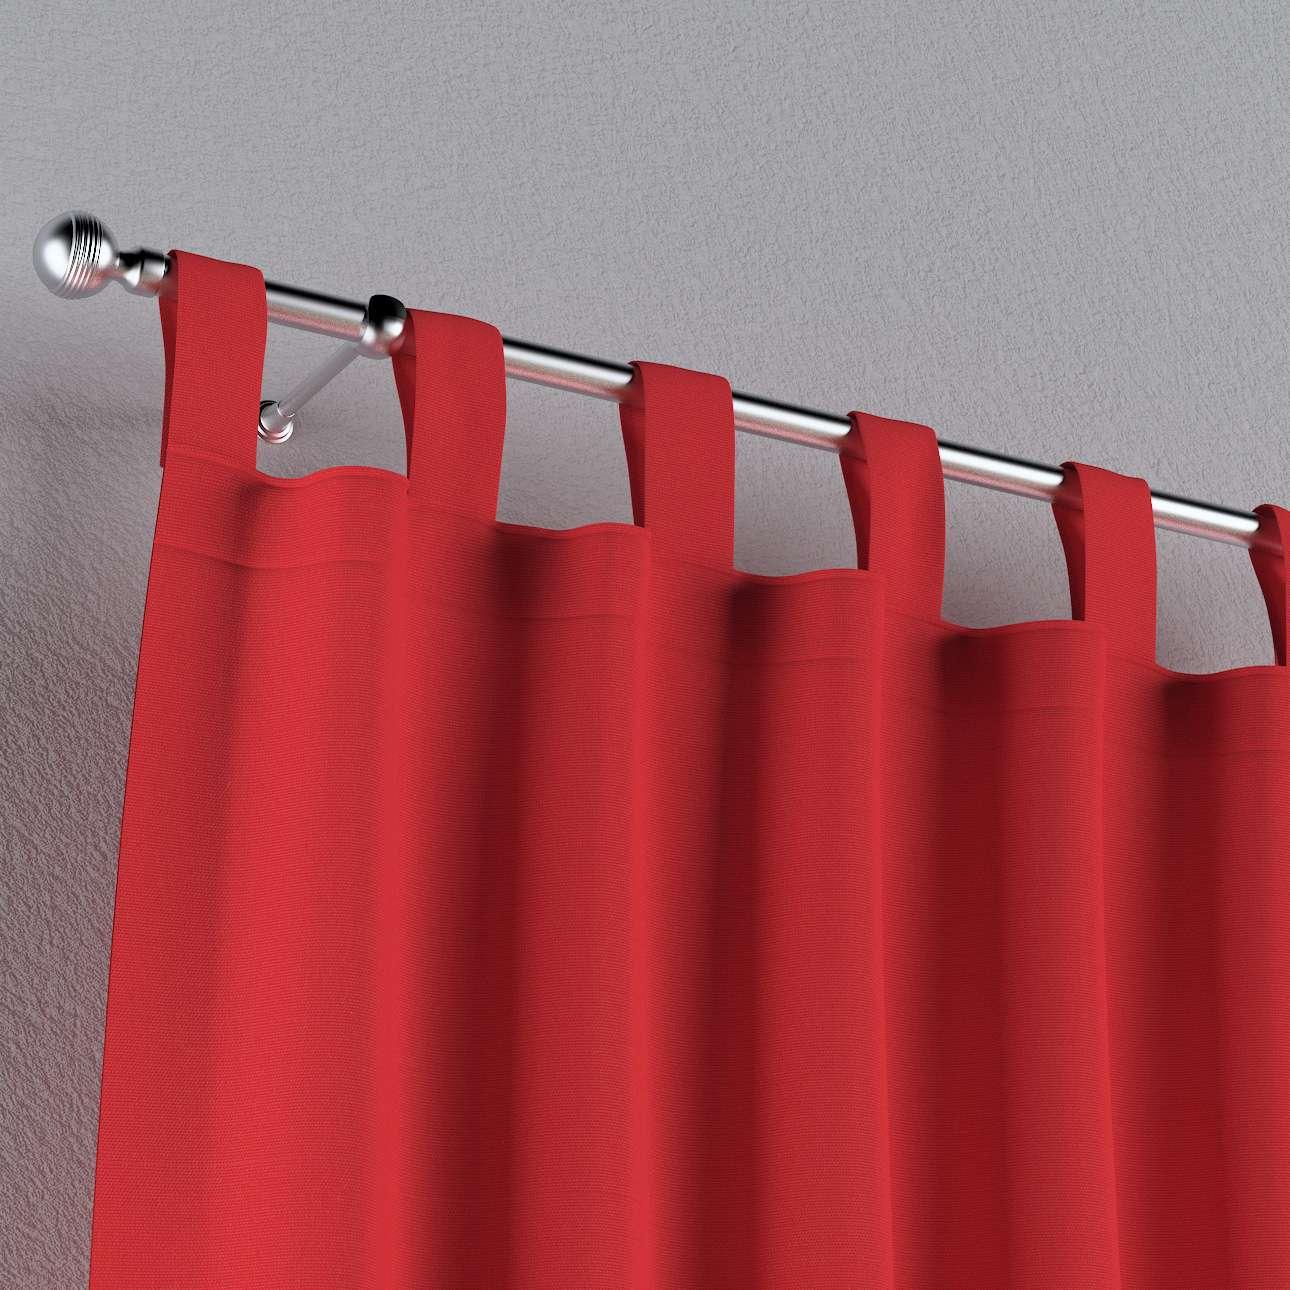 Zasłona na szelkach 1 szt. 1szt 130x260 cm w kolekcji Loneta, tkanina: 133-43